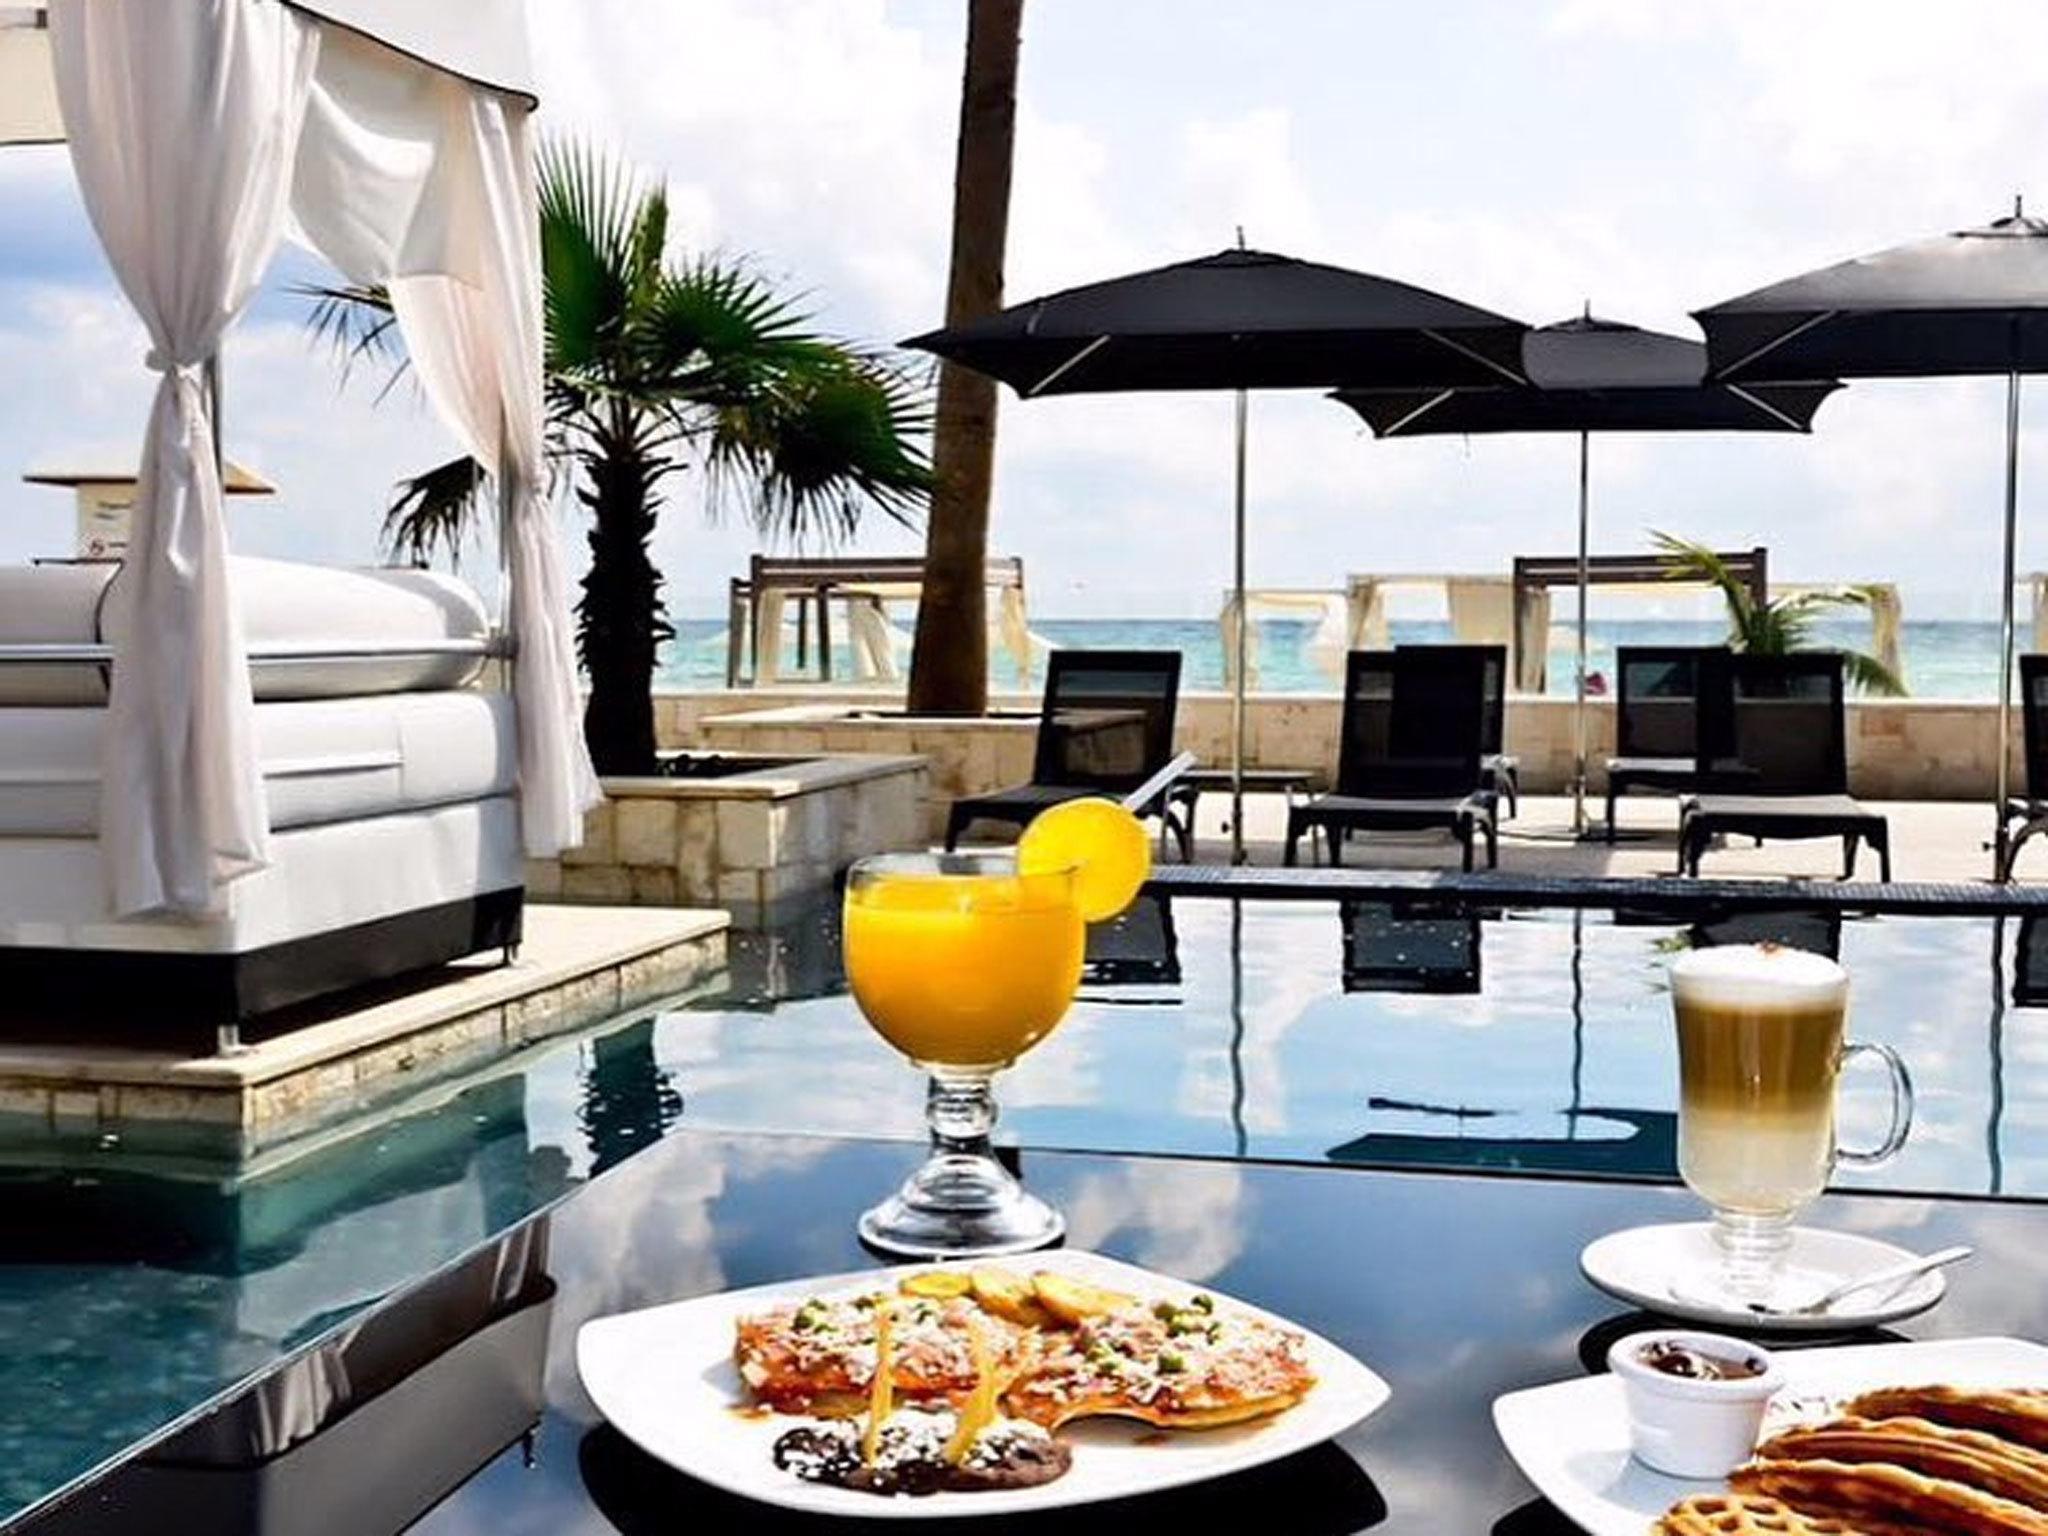 Mamitas Beach Club - Playa Del Carmen - Mexico